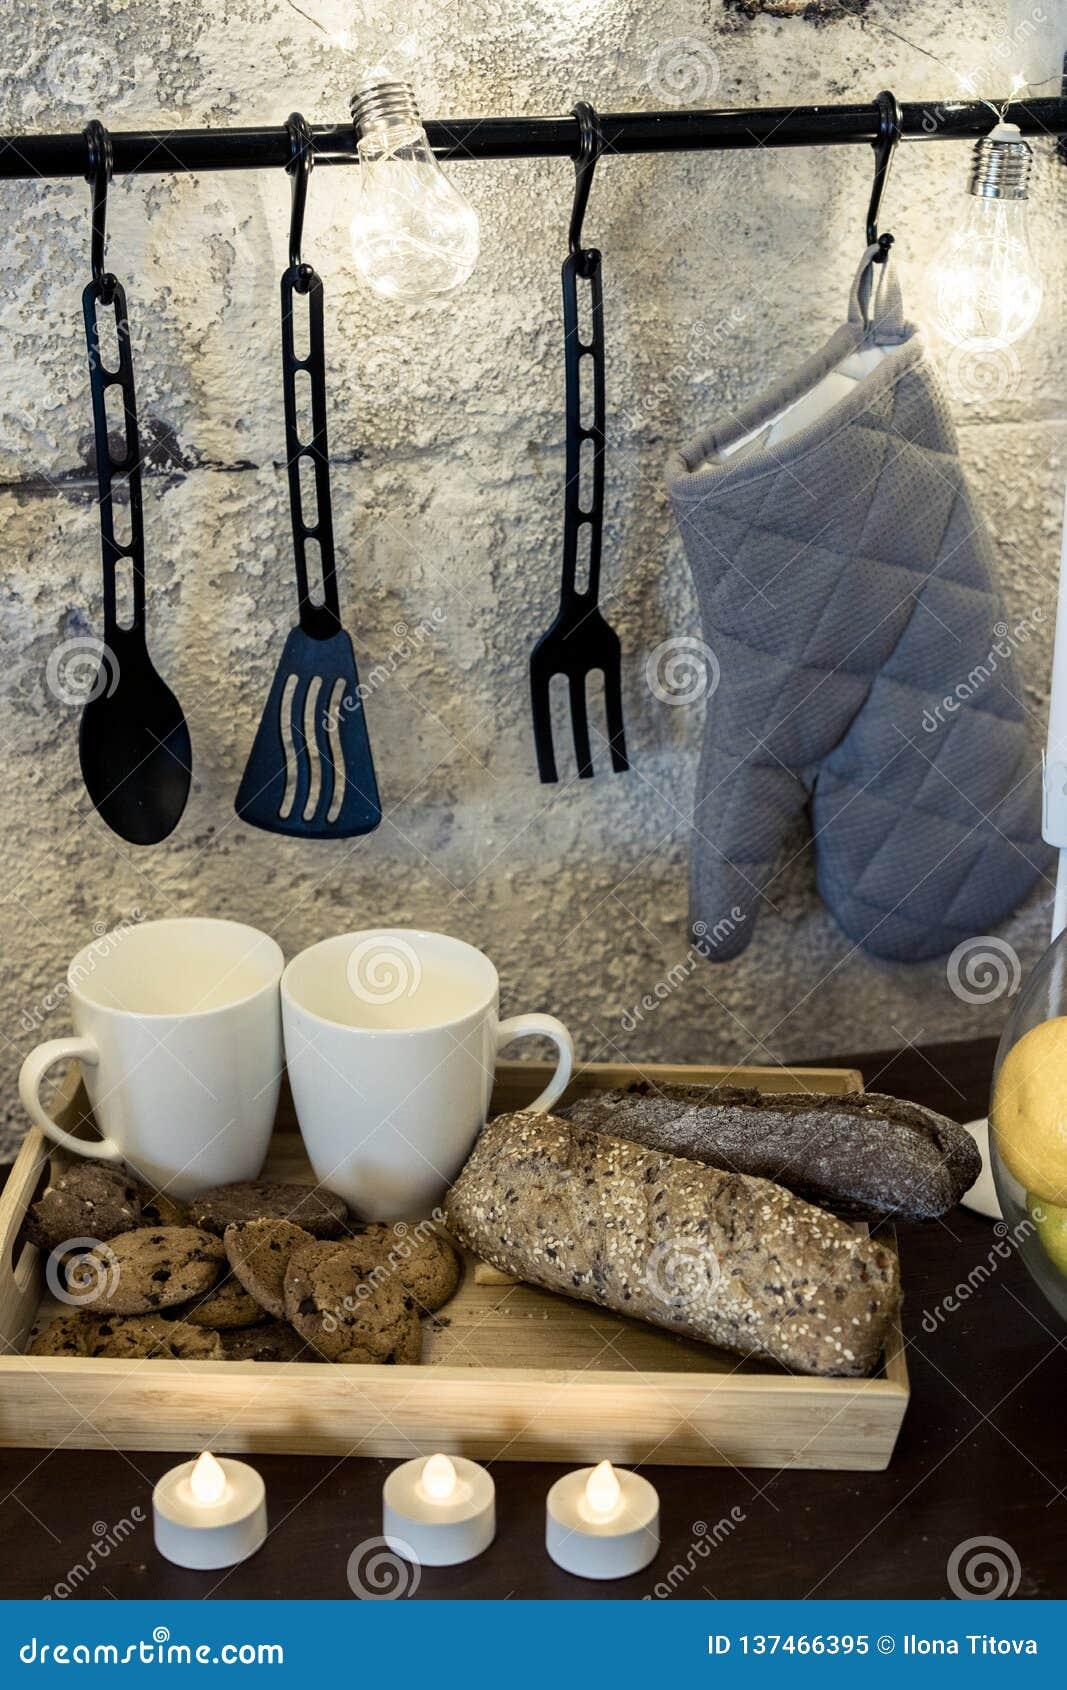 Op keuken is de lijst voor een concrete grijze muur witte fluitjes een slinger hangende pannelap het wachten op valentijnskaart